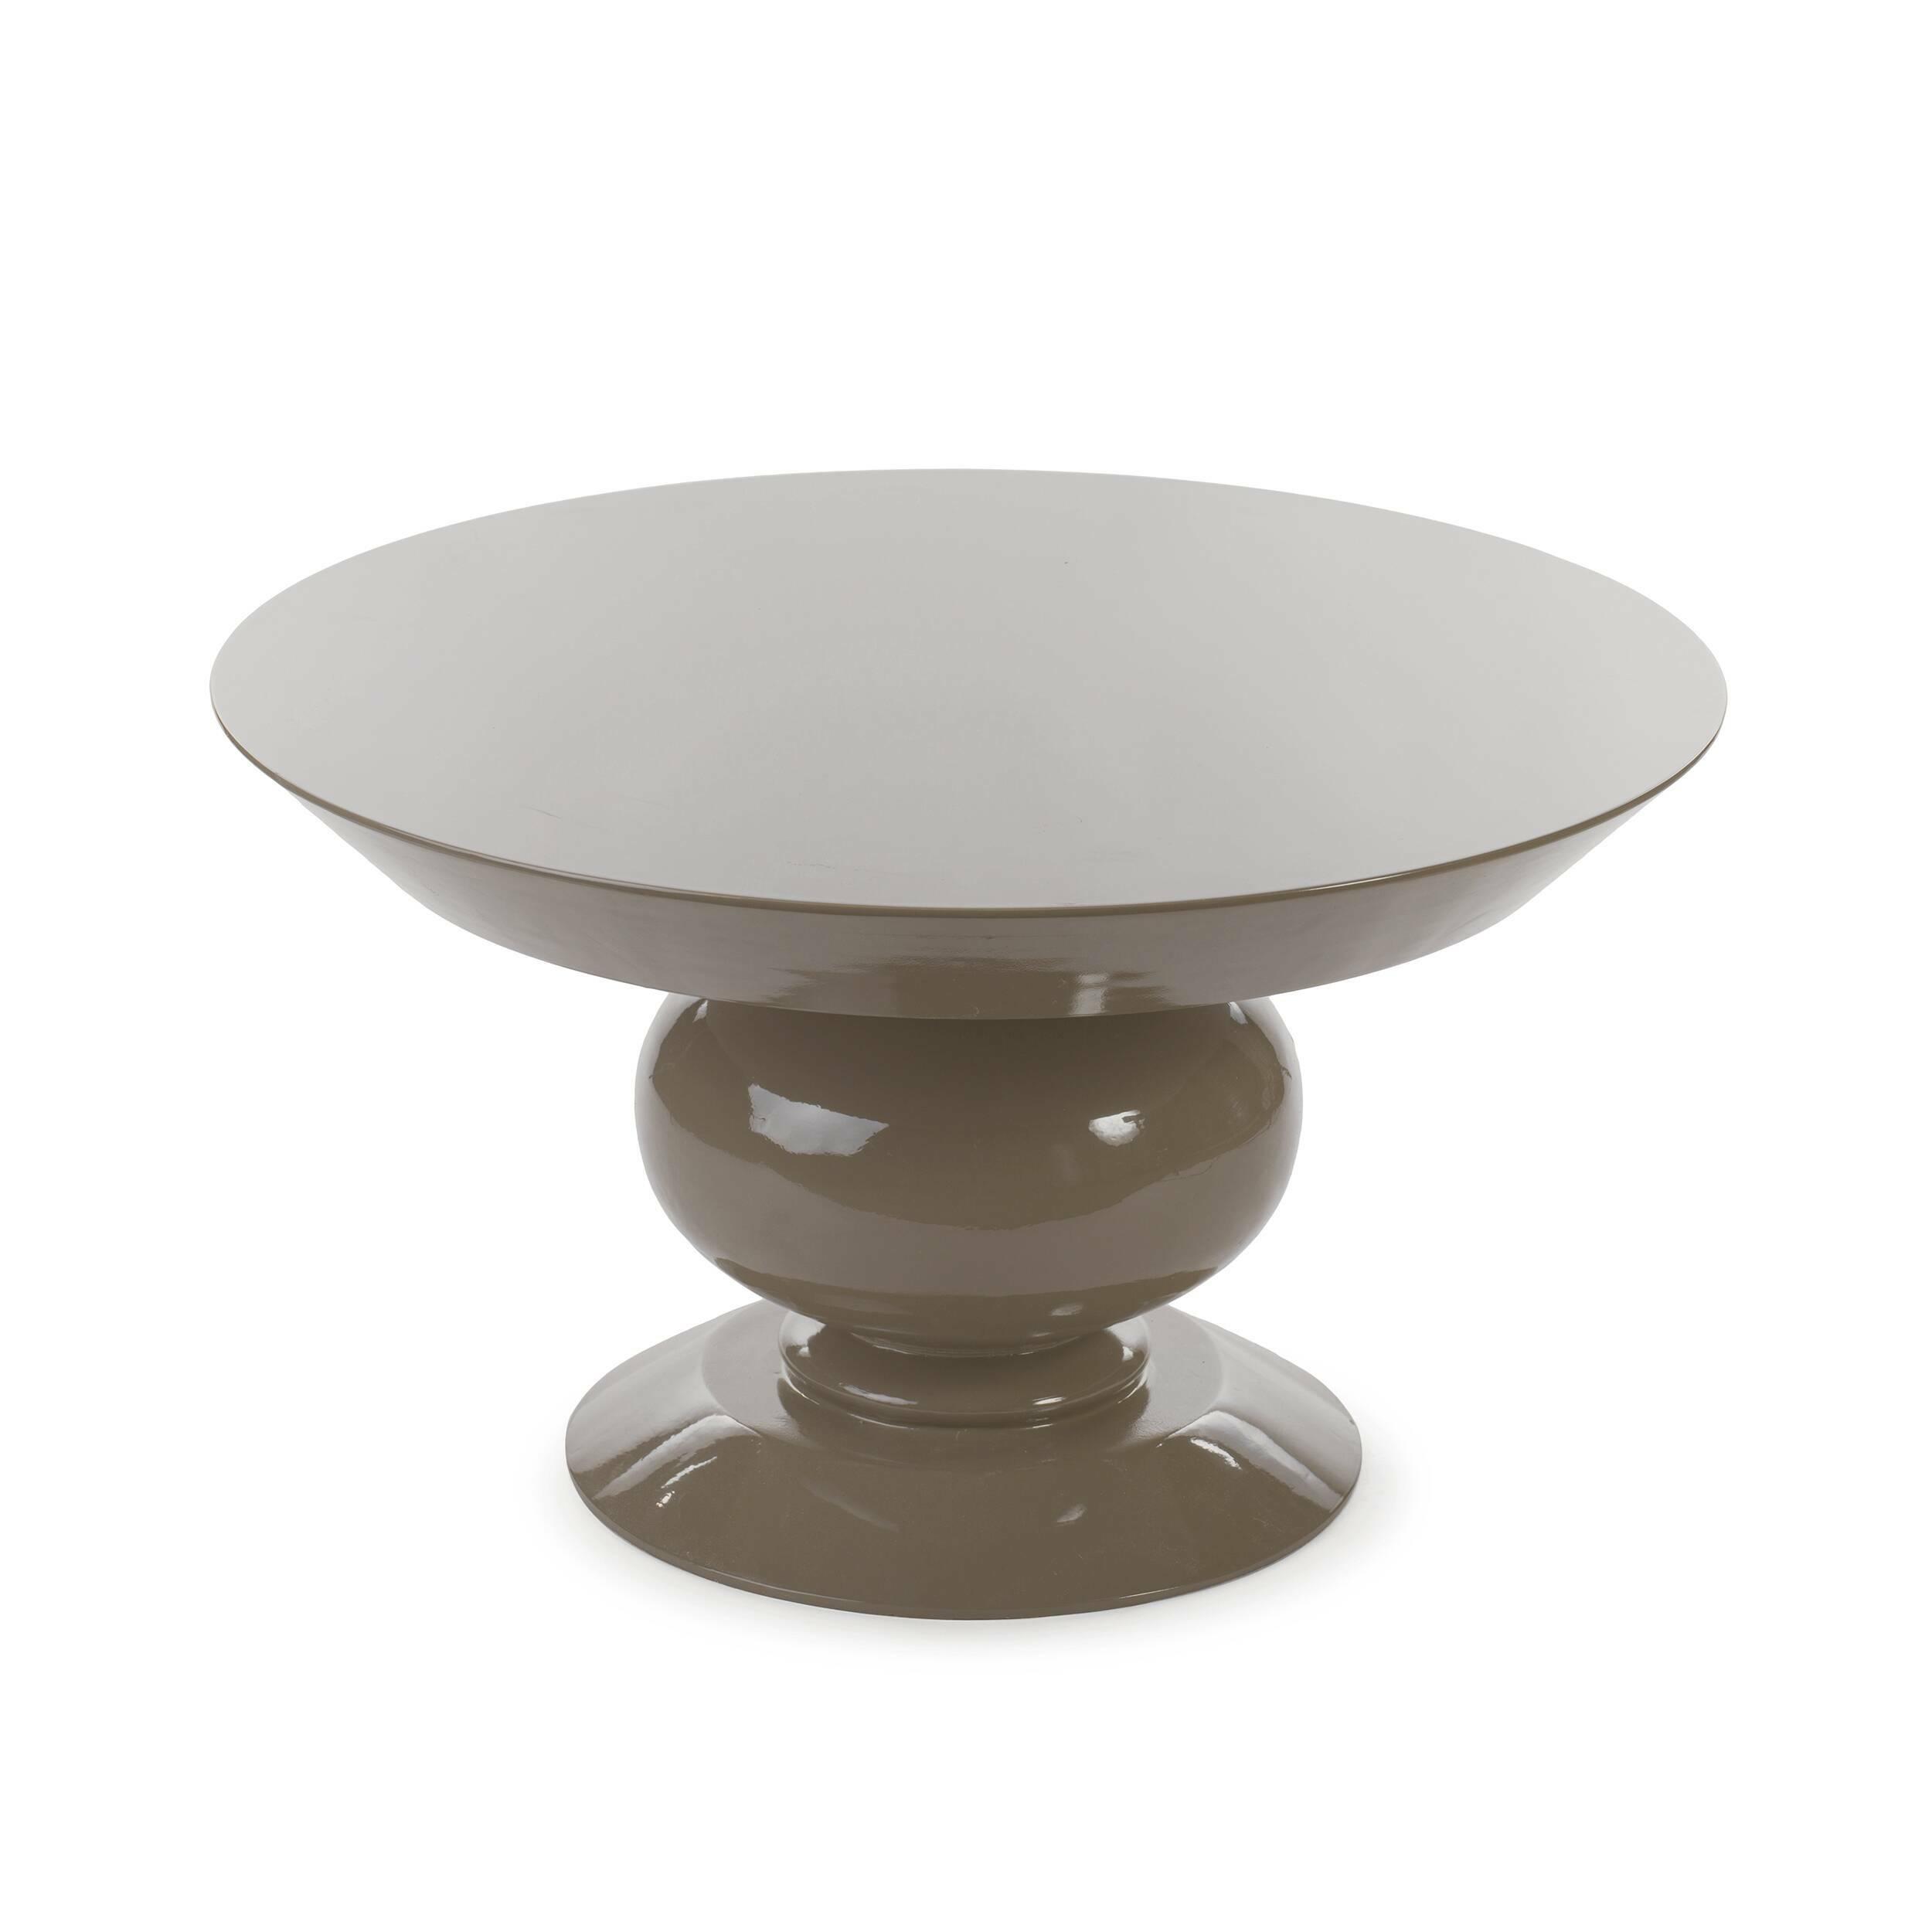 Кофейный стол Adone высота 45Кофейные столики<br>Дизайнерский широкий кофейный стол Adone (Адон) с высотой 45 см в форме шахматной фигуры от Cosmo (Космо).<br><br>Плавный силуэт шахматной фигуры воплощен в дизайне кофейного стола Adone — ненавязчивый, но очень элегантный. Он выглядит современно, но в то же время он прекрасно дополнит и классический интерьер гостиной или спальной комнаты. Любой интерьер будет выглядеть богаче, окажись в нем эта модель стола. <br> <br> Дизайн оригинального кофейного стола Adone доступен в двух вариантах: высотой в ...<br><br>stock: 0<br>Высота: 45.4<br>Диаметр: 80<br>Тип материала каркаса: МДФ<br>Цвет каркаса: Бежевый